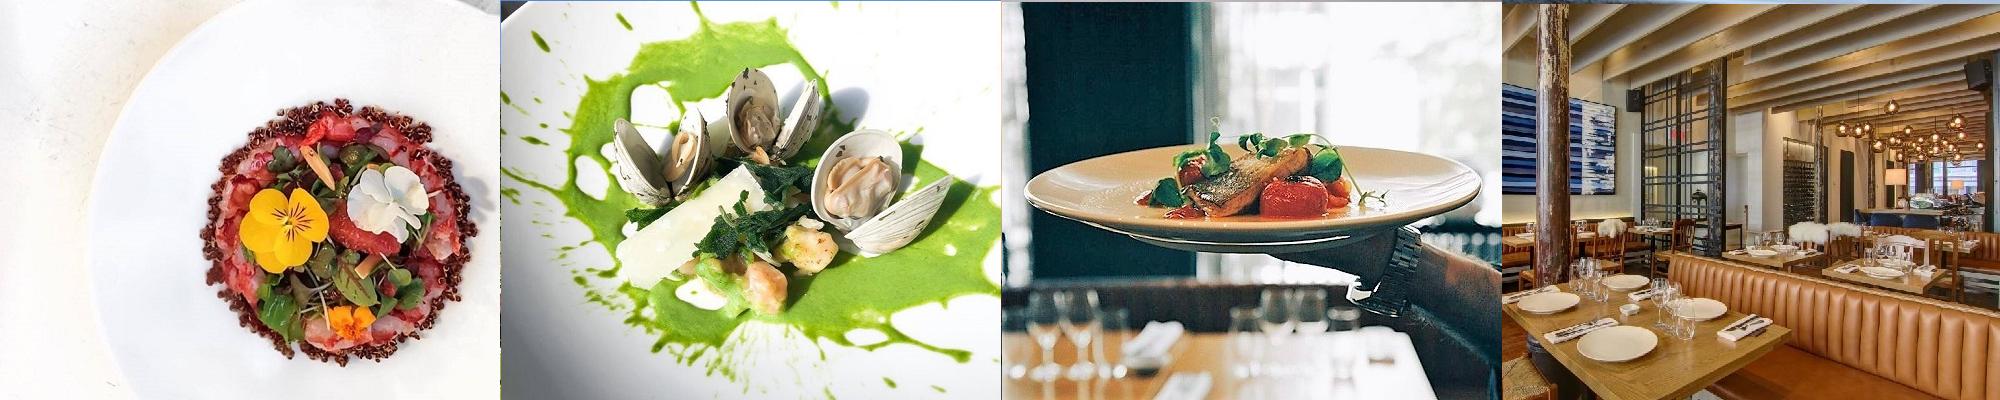 Ikanos ,Montréal ,restaurant ,gastronomique ,grandes tables ,carte des vins ,Sélection Vindici ,œnotourisme ,oenotourisme ,terroir ,vins d'ici ,Sud du Québec ,